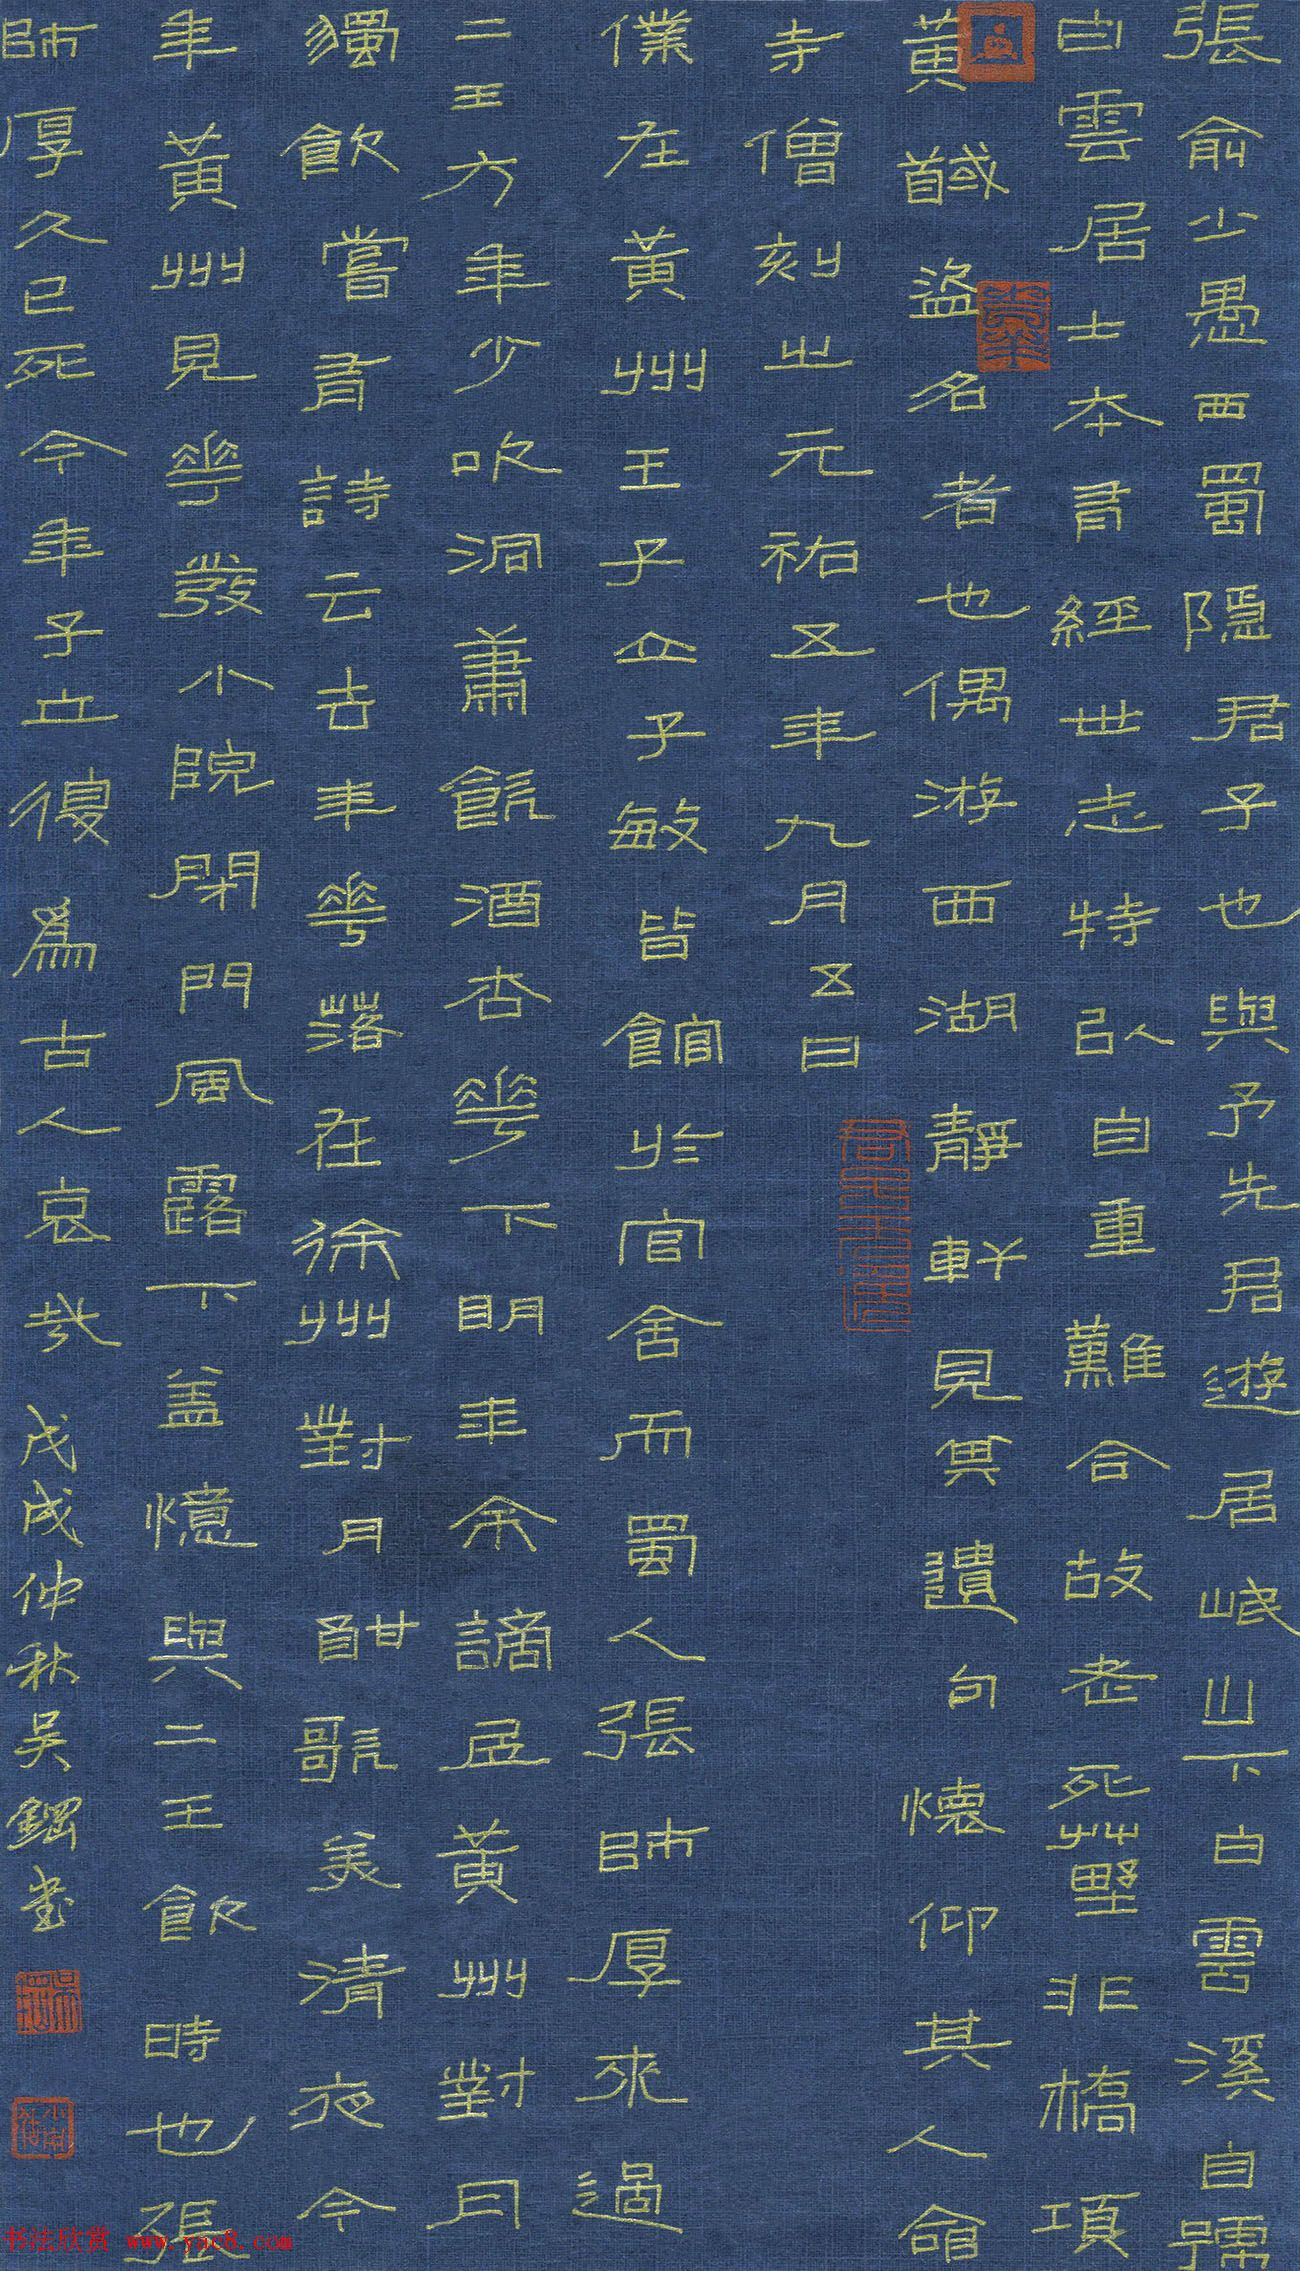 """""""品翰堂杯""""第五届中国硬笔书法公开赛获奖作品欣赏"""